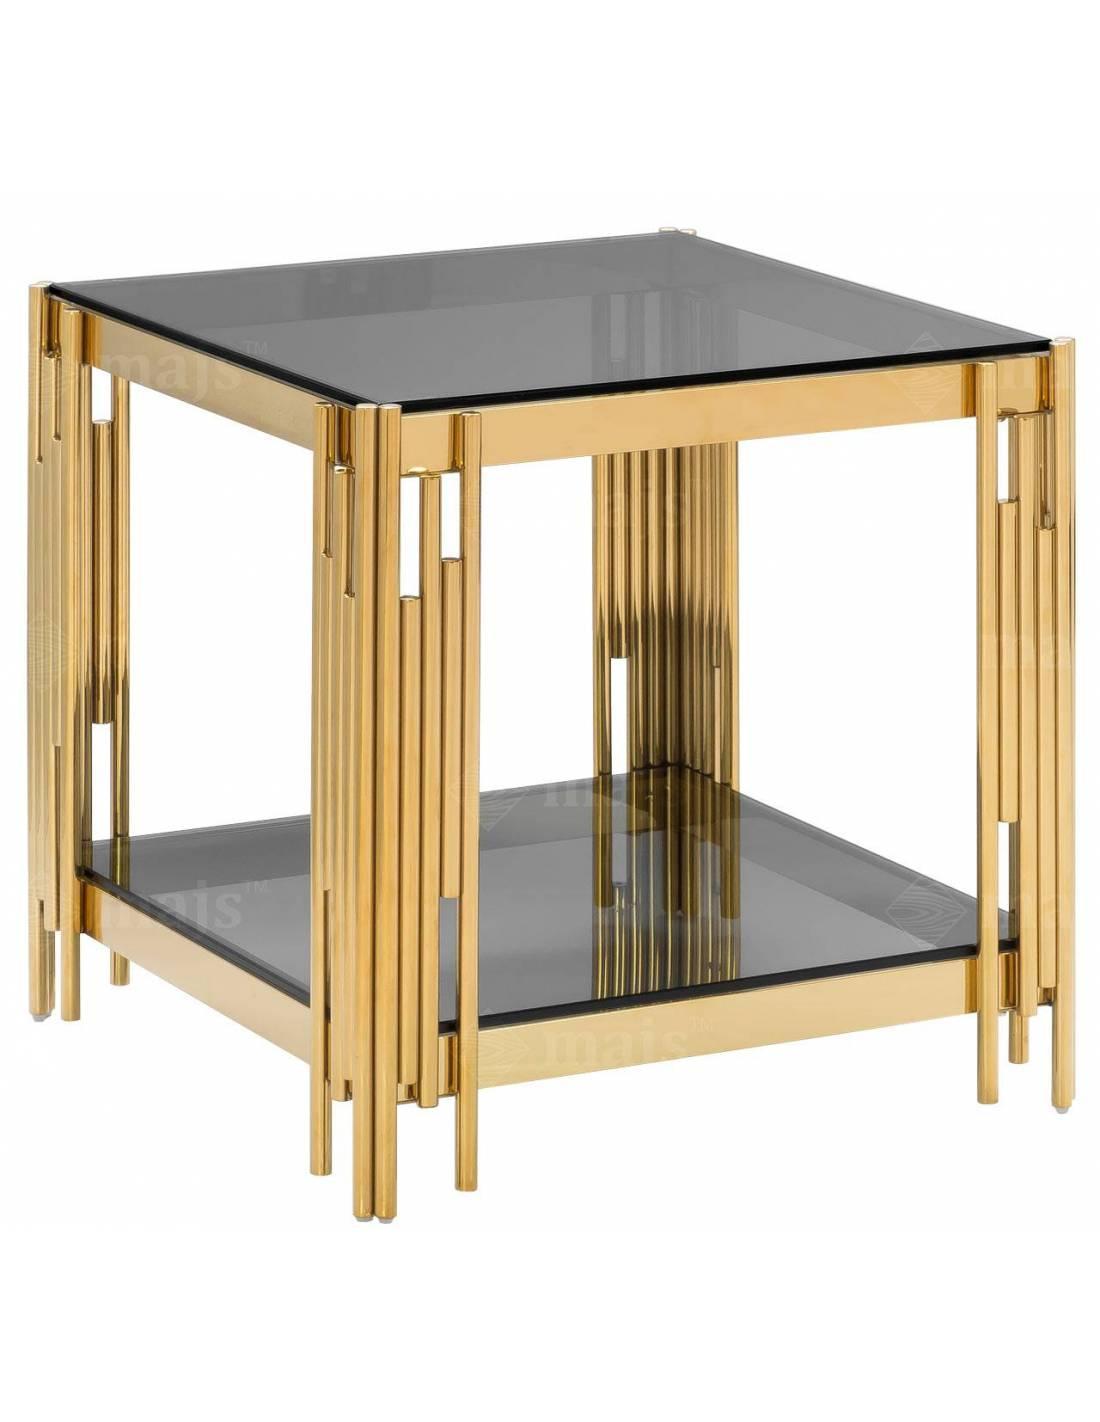 Metalowy złoty stolik kawowy z narożnymi zdobieniami i szklanymi blatami